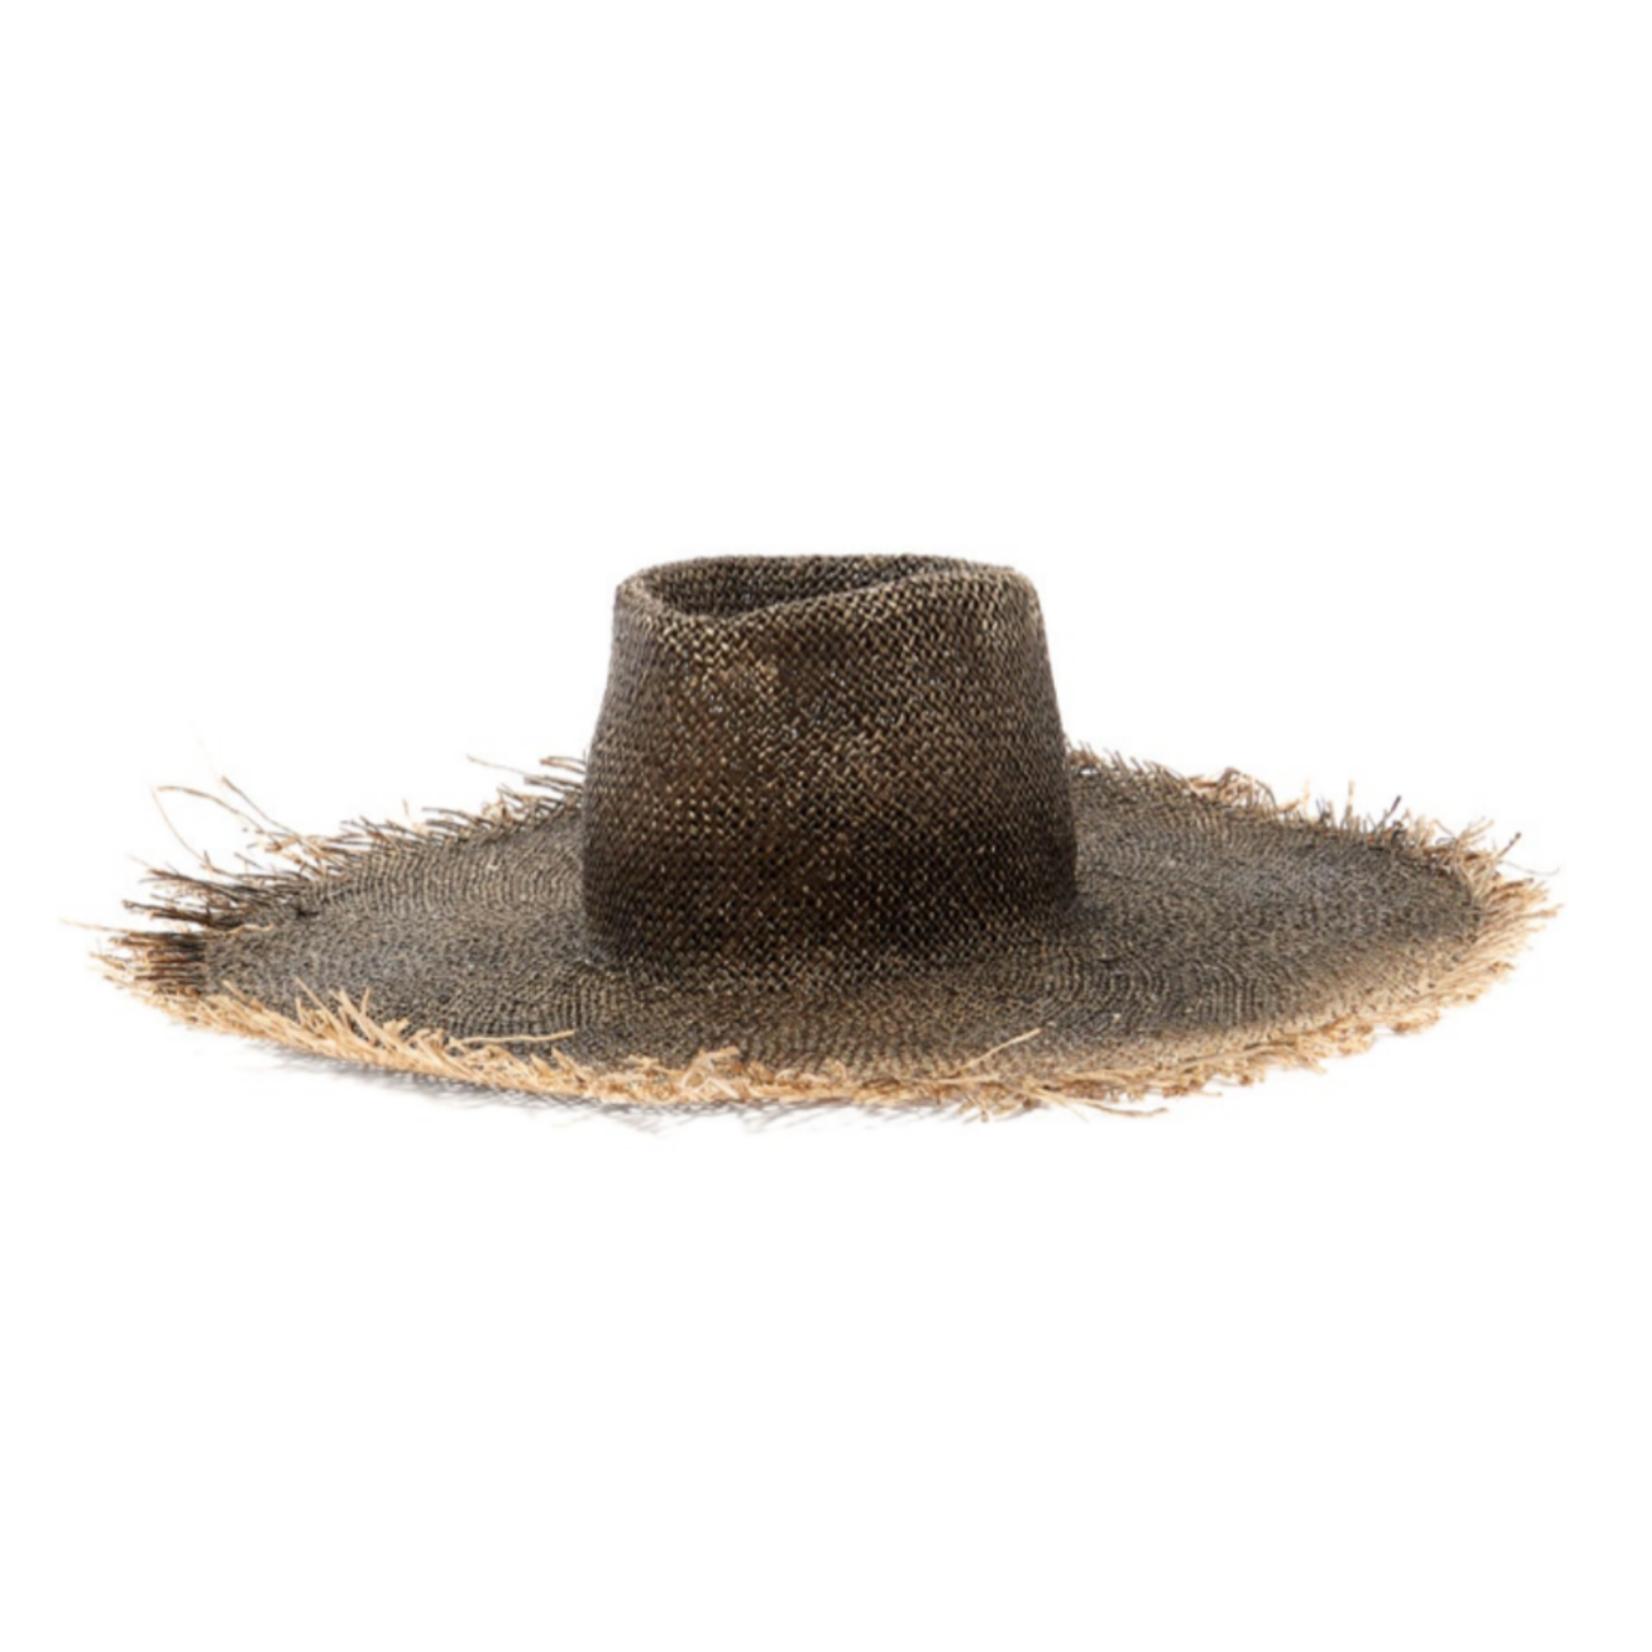 Reinhard Plank Nana Big Parasisol Hat